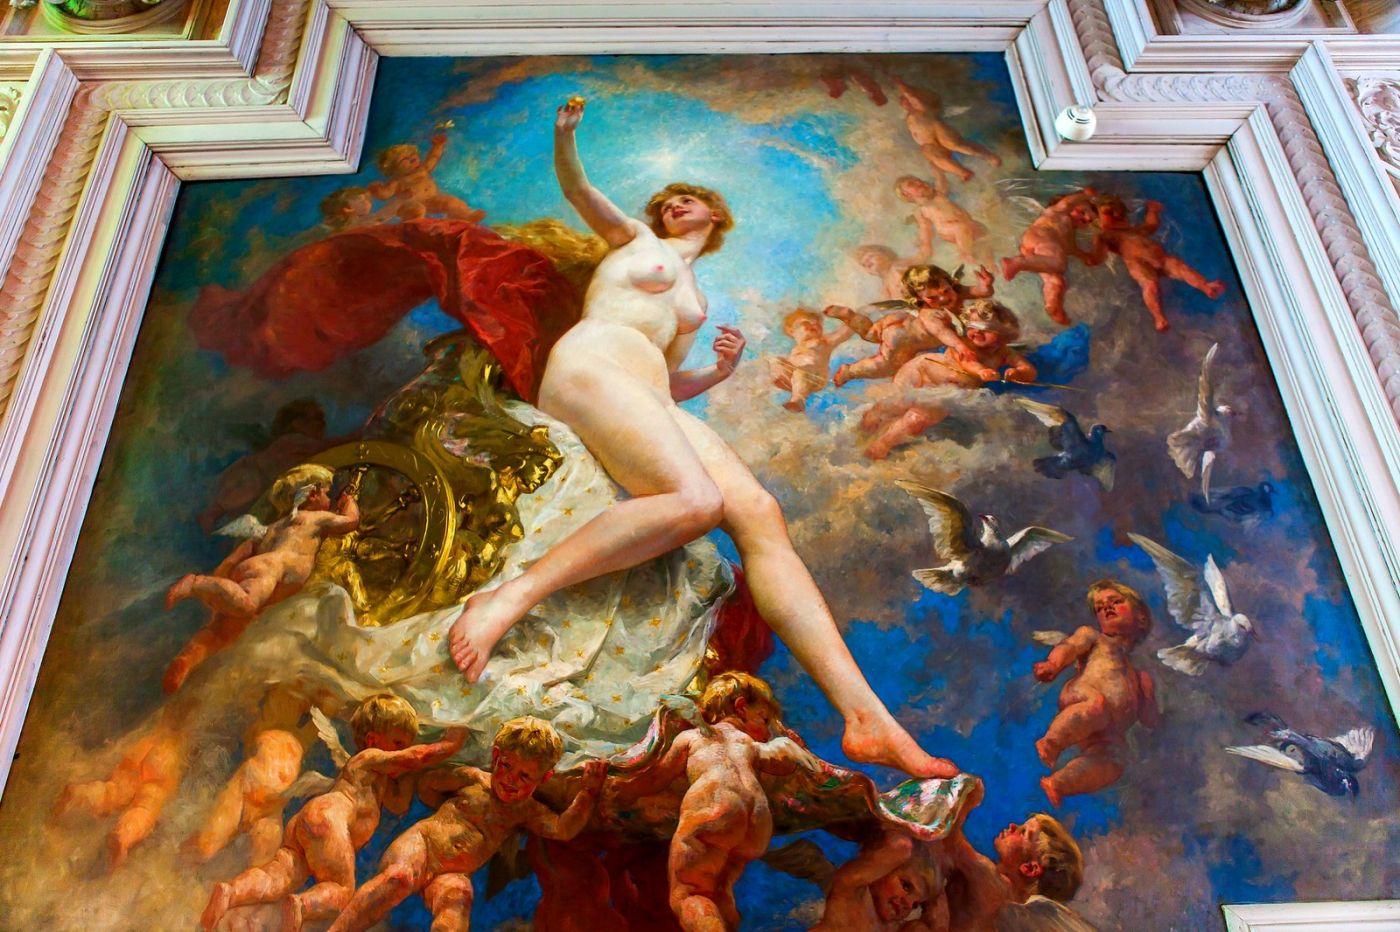 丹麥腓特烈堡城堡,油畫里的故事_圖1-11